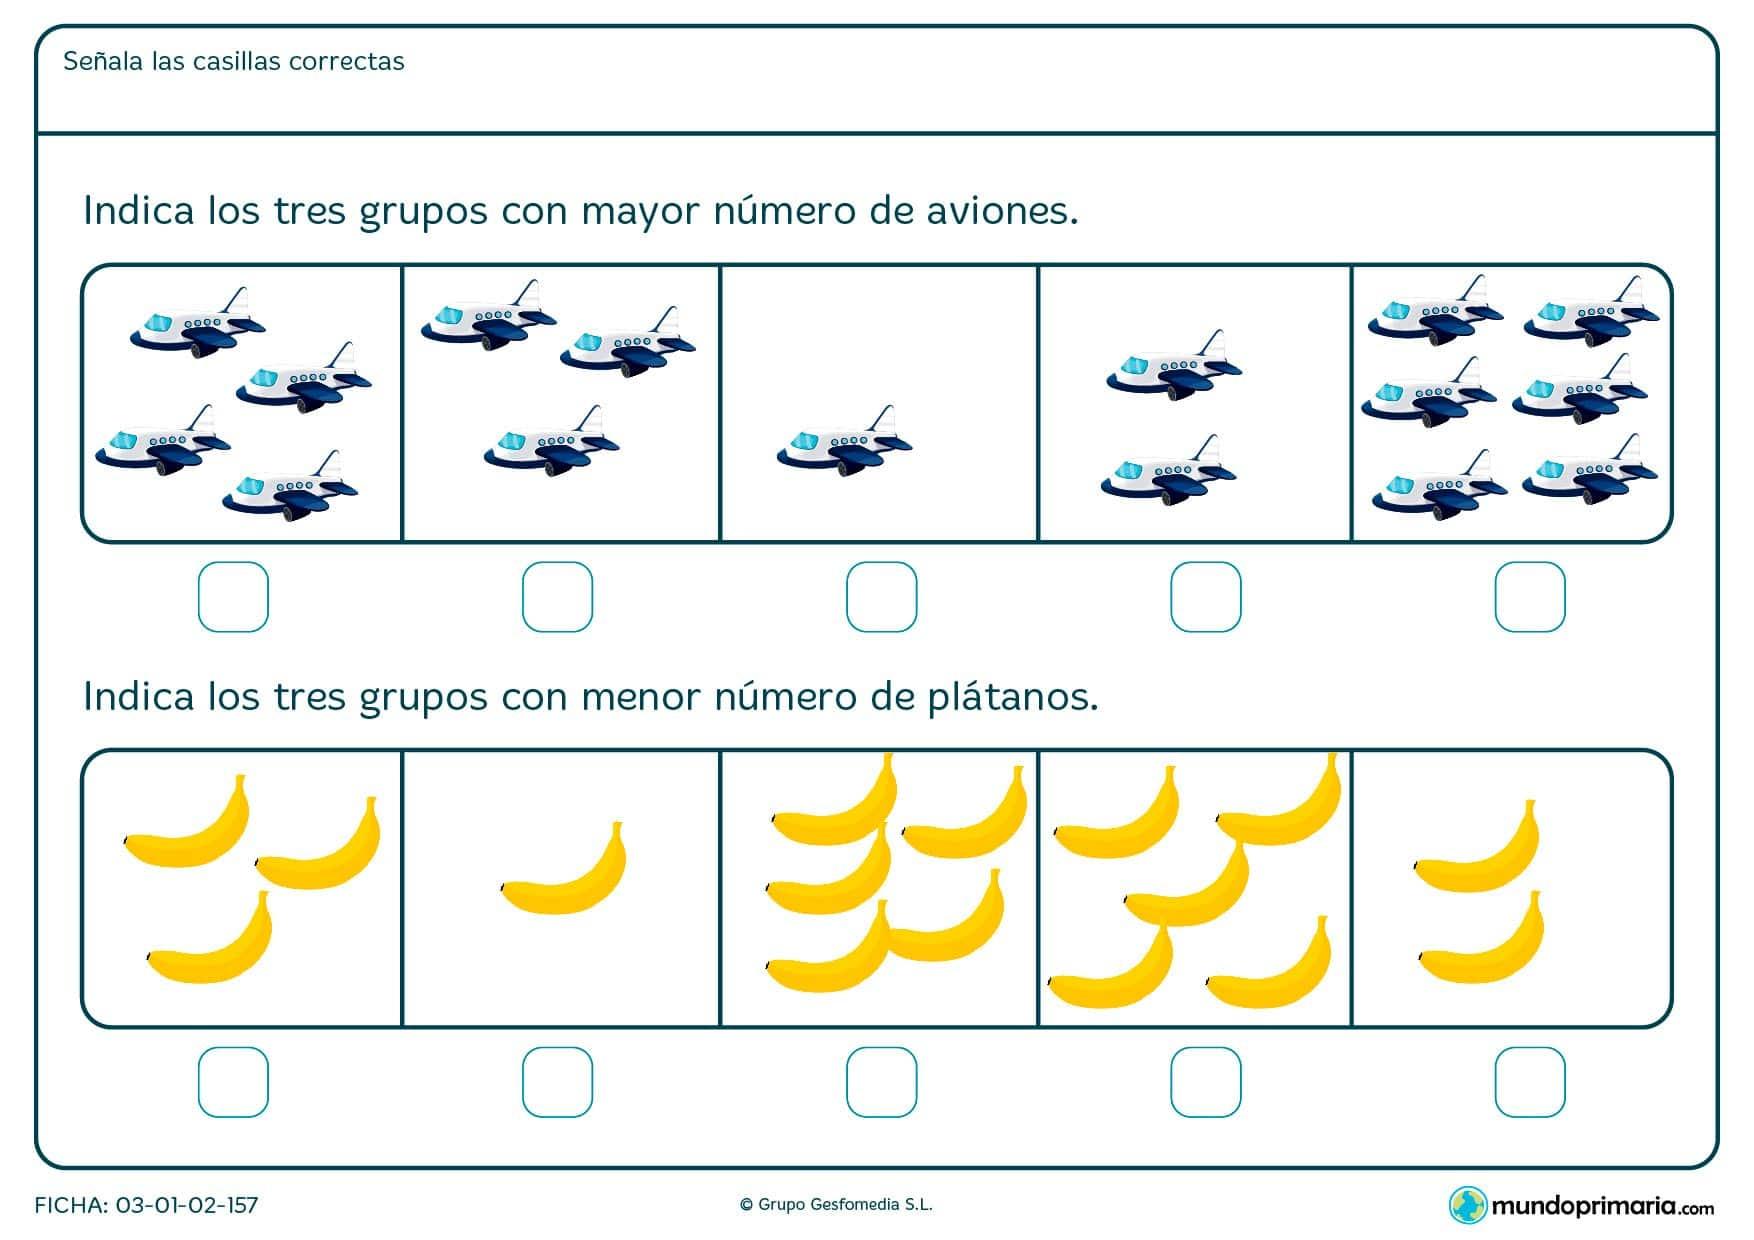 Indica los tres grupos de imágenes que tienen más o menos número de objetos. Lee la pregunta con atención y responde.